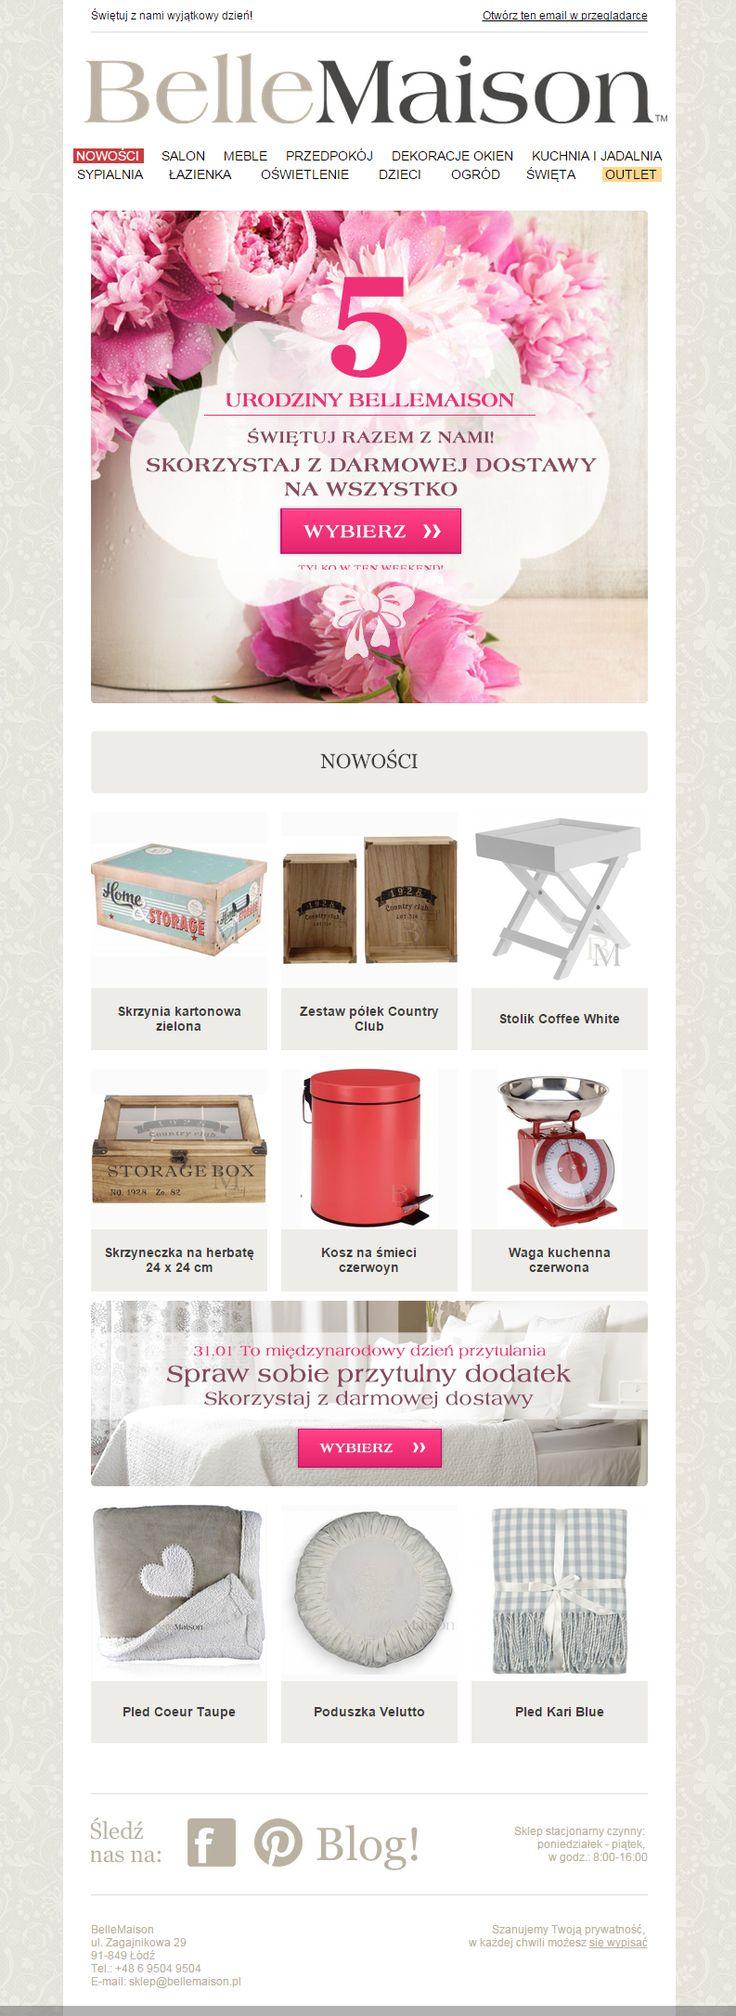 Newsletter przygotowany na 5 urodziny BelleMaison. #newsletter #bellemaison #email #template #ecommerce